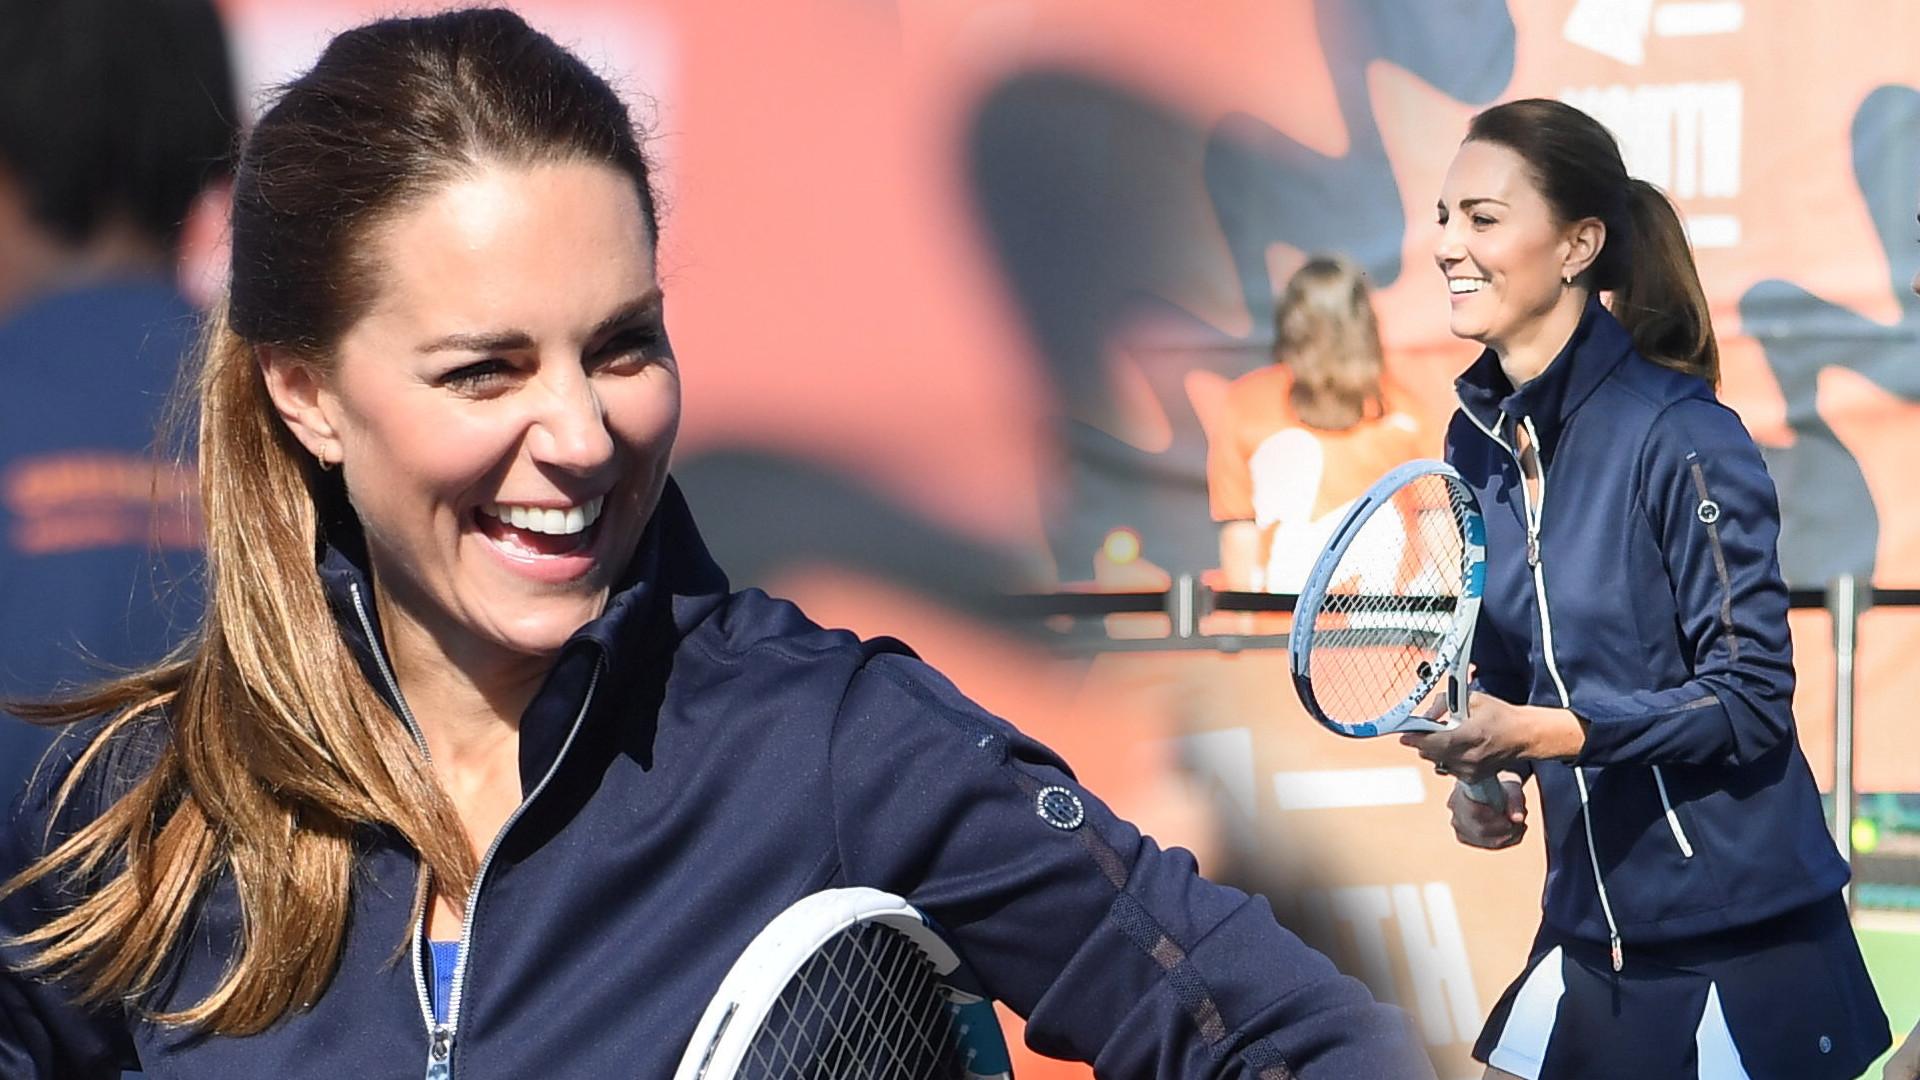 Co za nogi! Księżna Kate w szortach gra w tenisa z mistrzynią US Open (ZDJĘCIA)